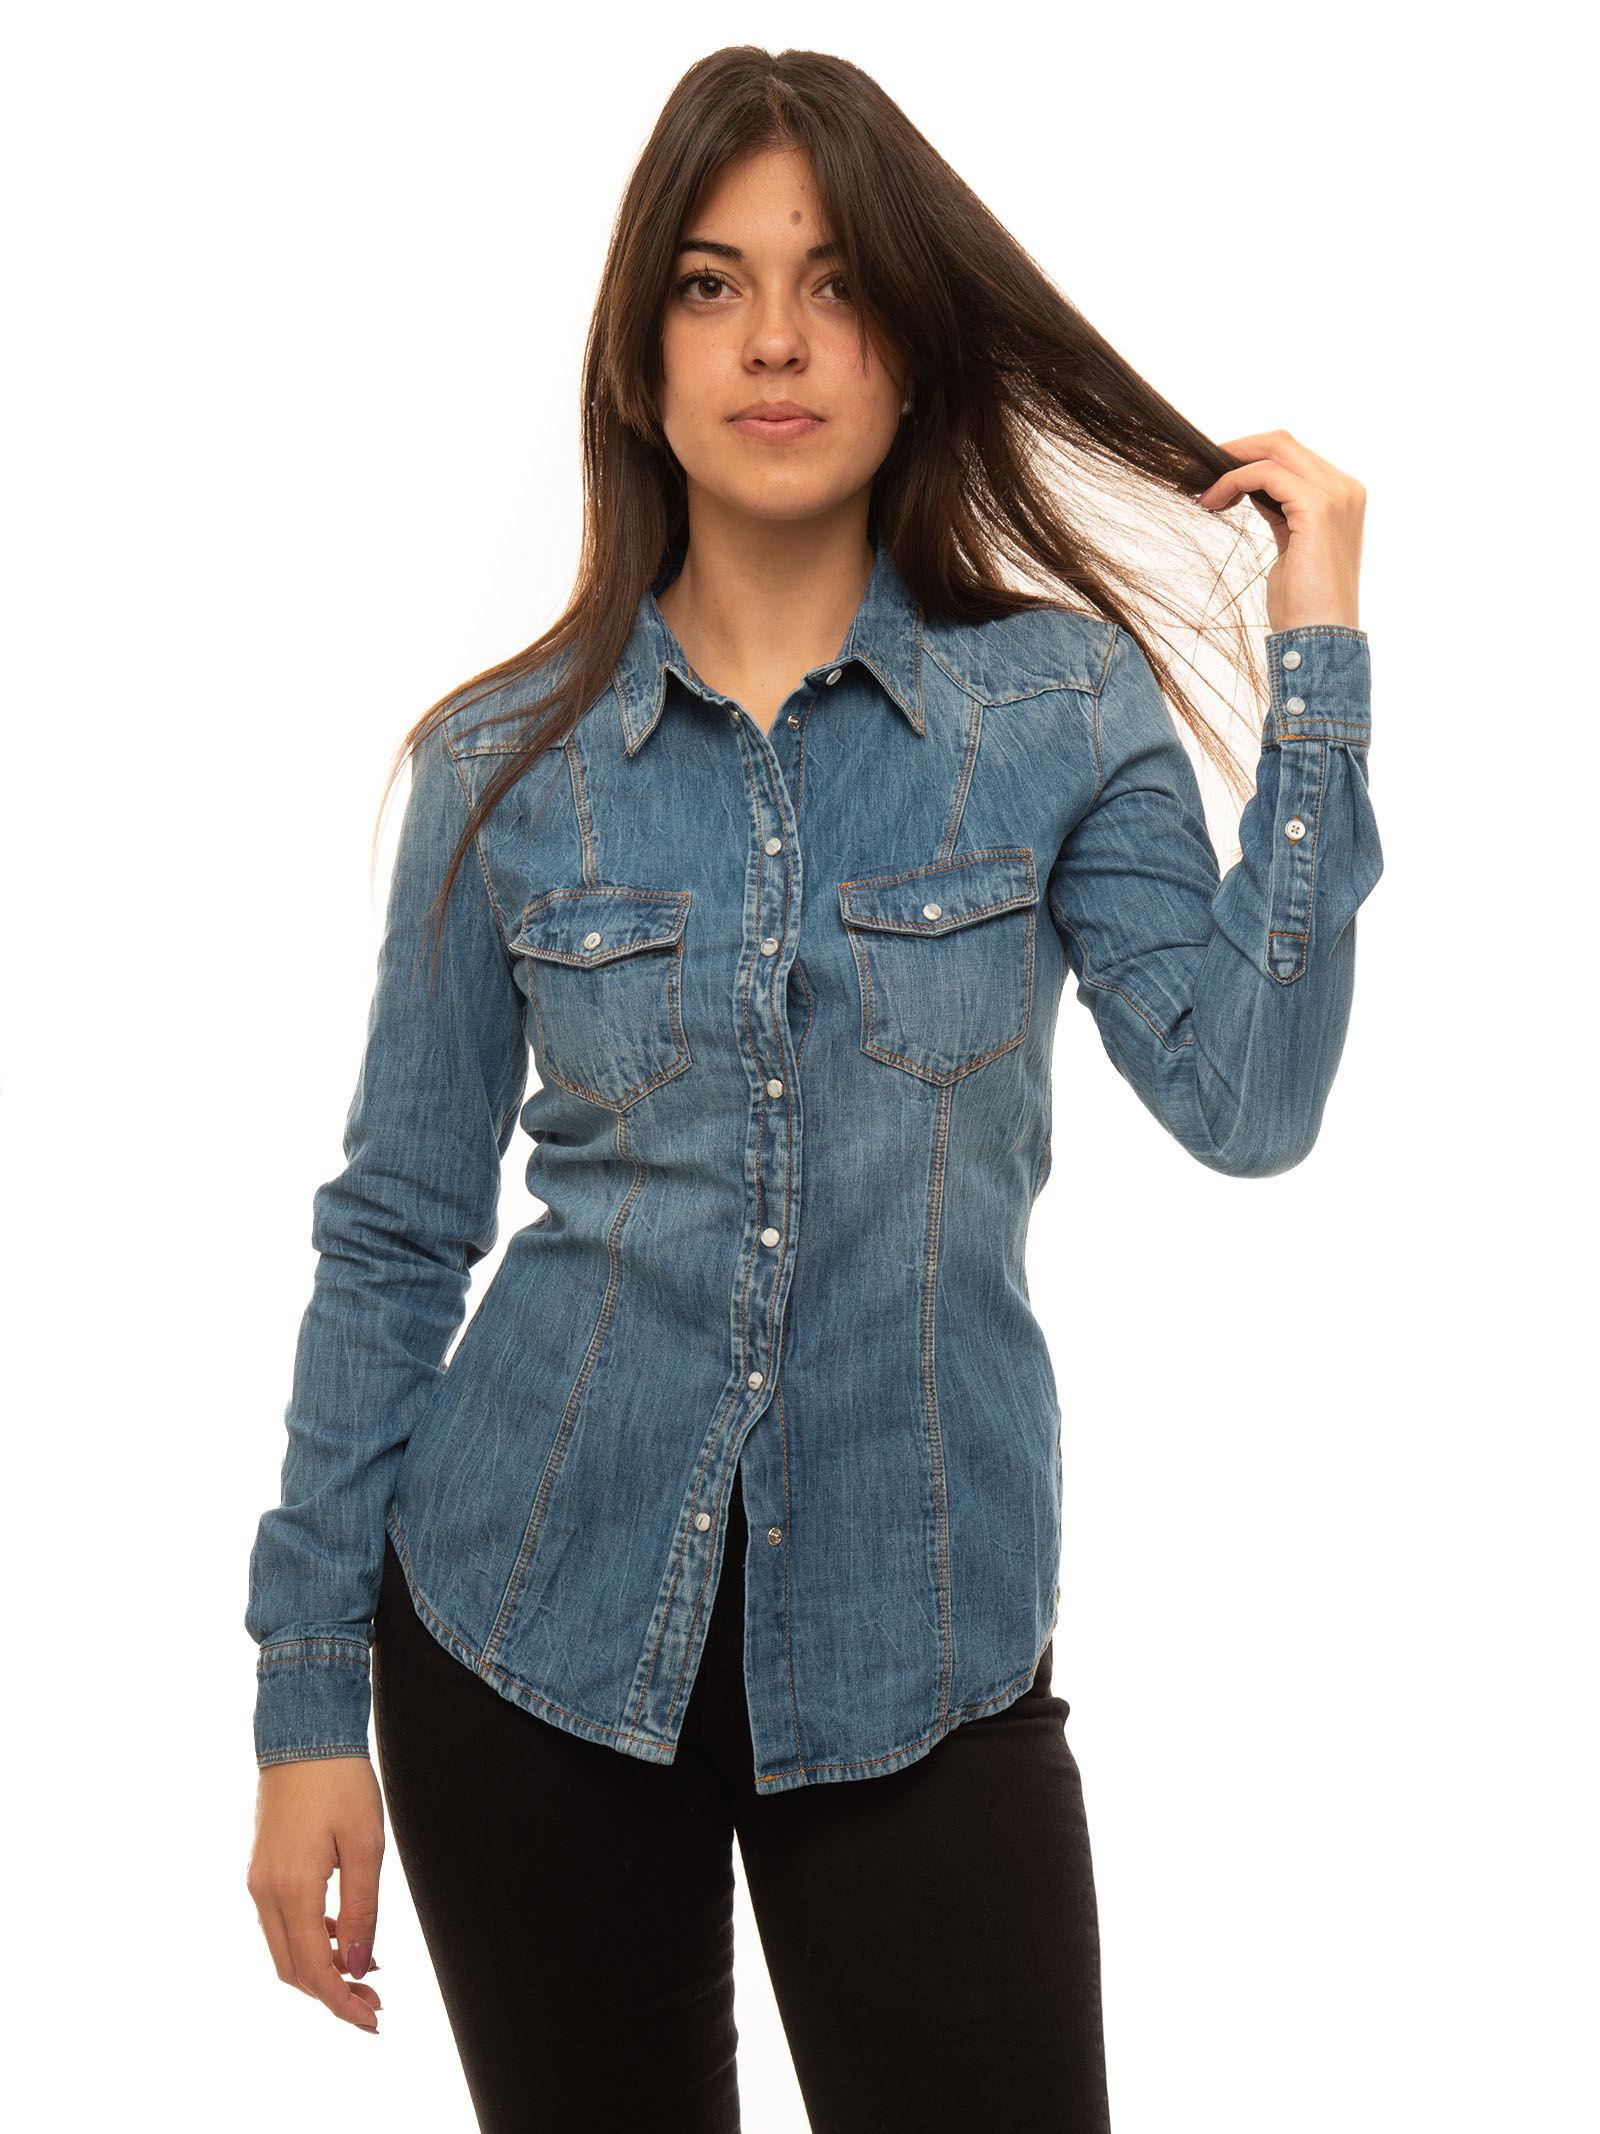 Guess Camicia da donna in jeans Denim medio Cotone Donna